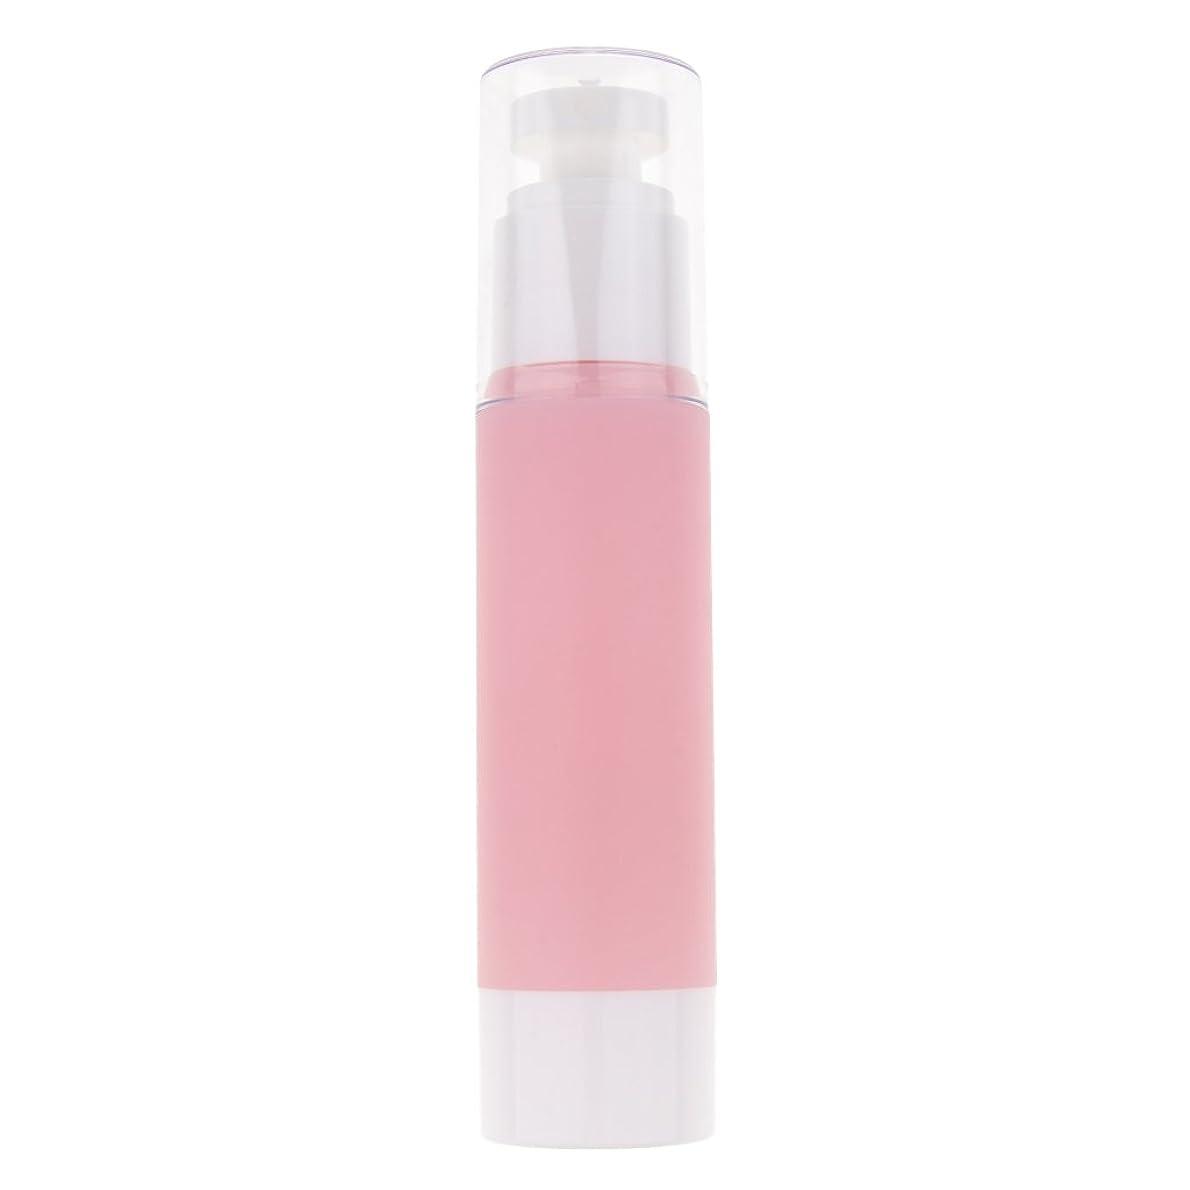 シエスタ領事館類似性Perfeclan エアレスボトル エアレス ポンプボトル 詰め替え可能 化粧品 ローション 容器 4サイズ選べ - 50ミリリットル